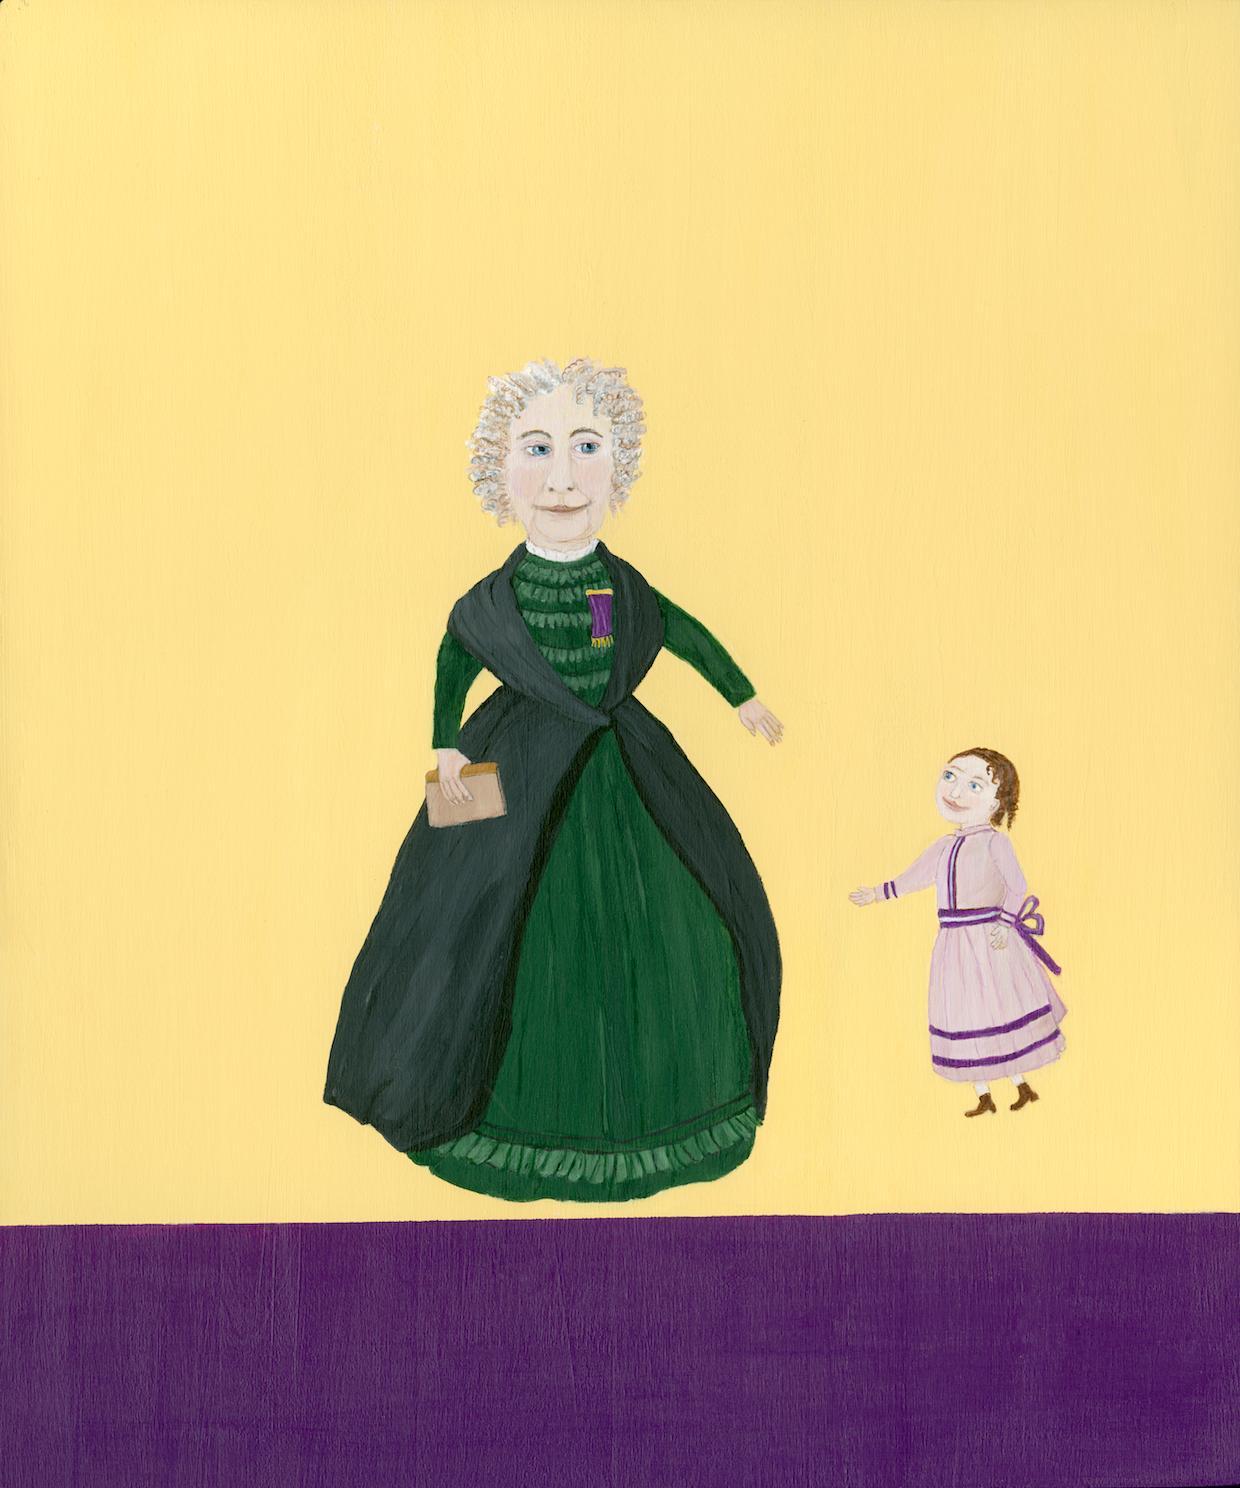 Mary Dwyer, Elizabeth Cady Stanton_Seneca Falls 1870s_2014_acrylic on board,